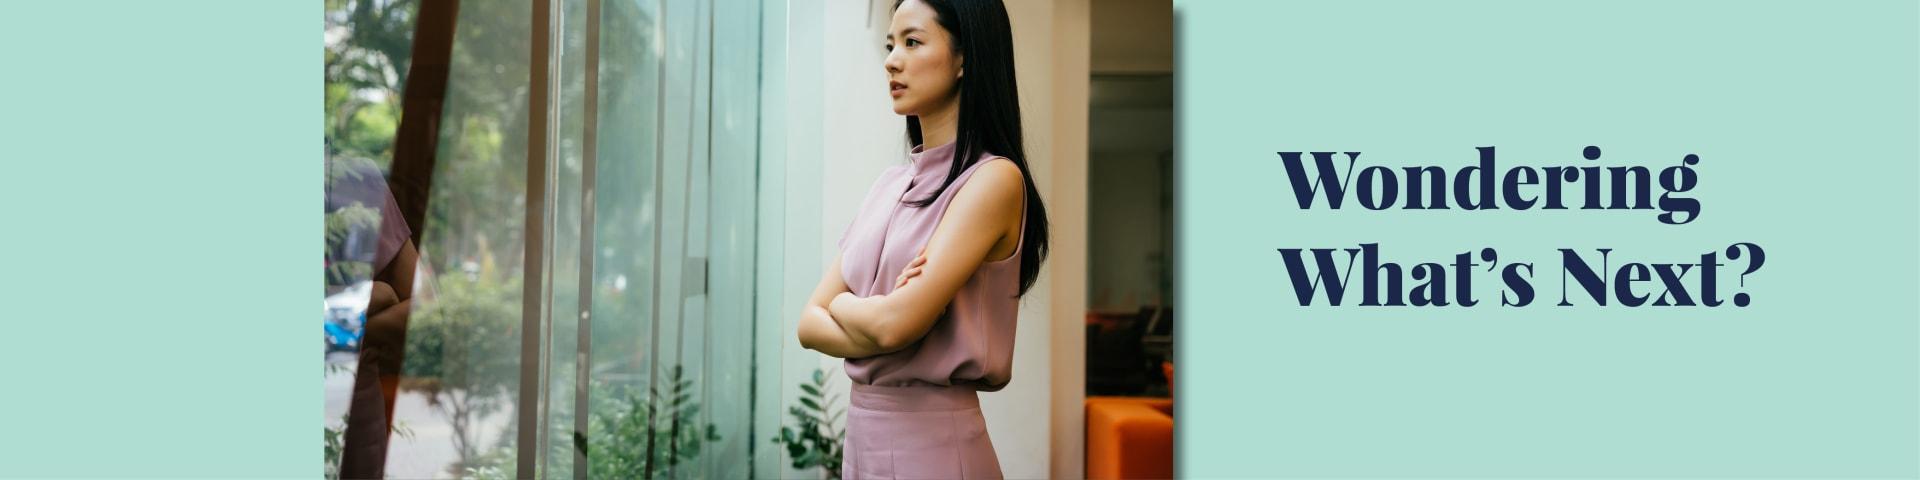 WiW-Banner-Asian-Woman-Window-w1920.jpg